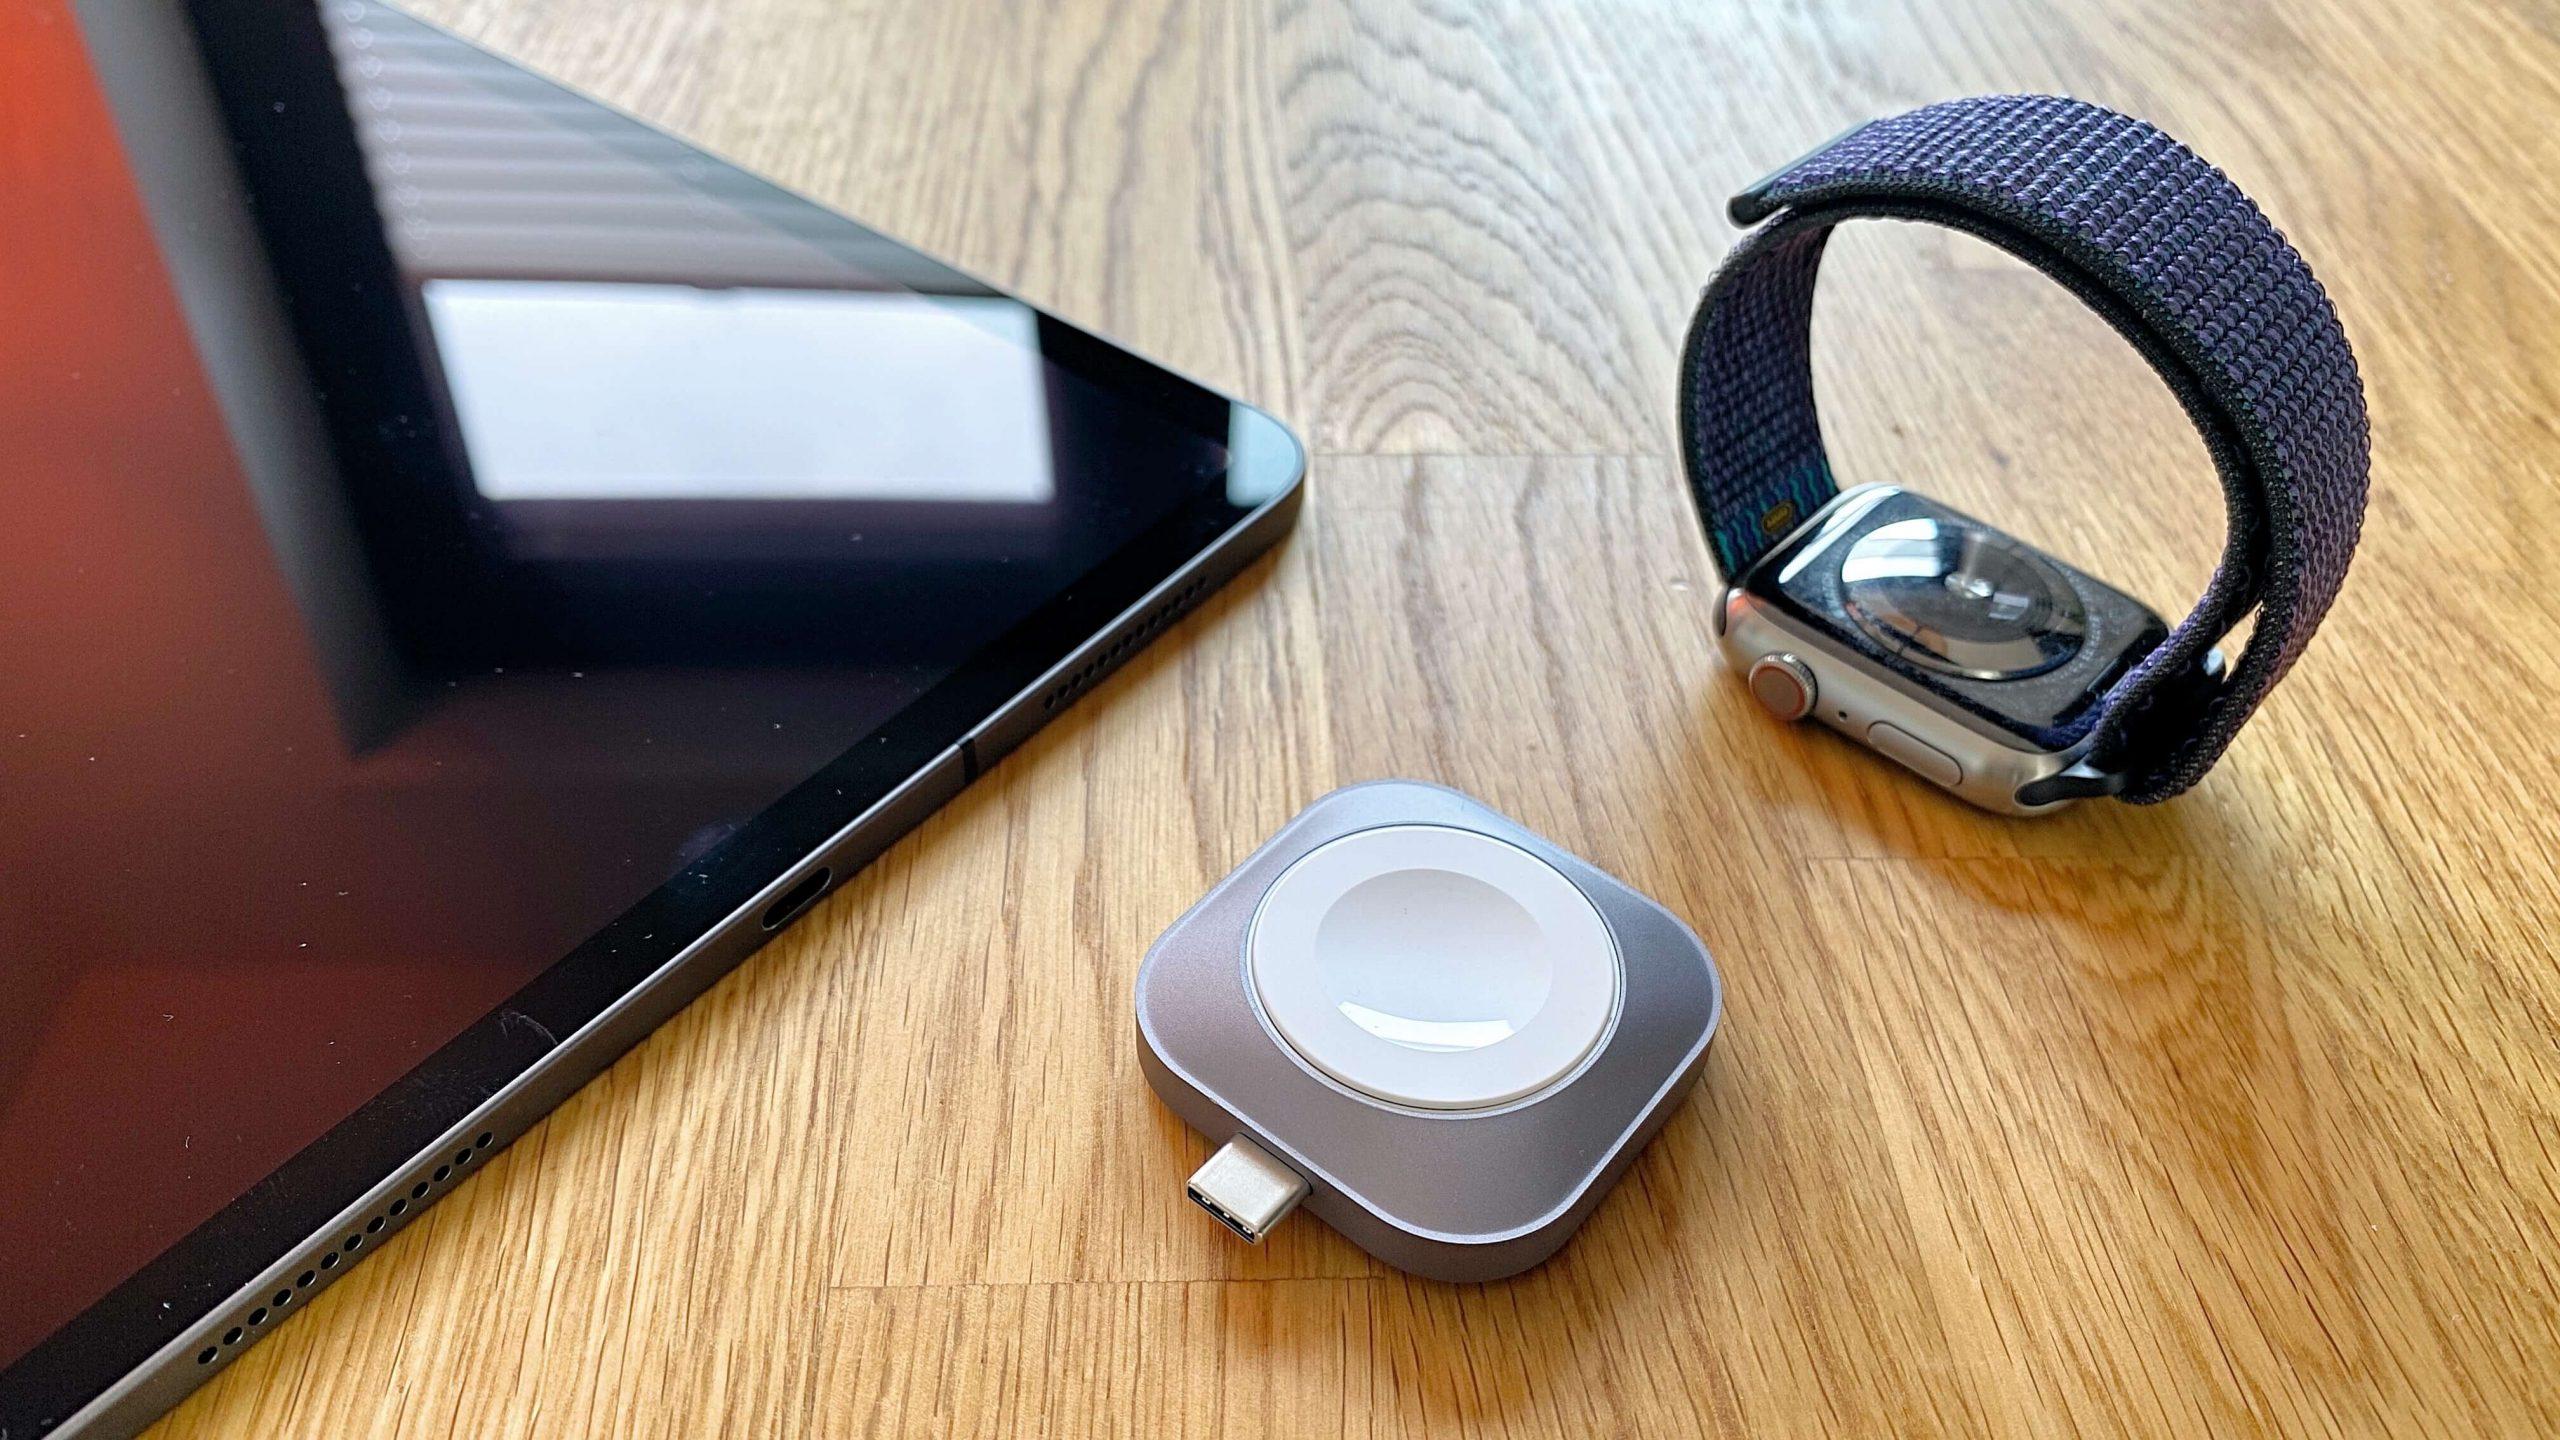 Satechi_Apple_Watch_USBC_Charger_Ladegerät_MFI_Review2-scaled USB-C-Adapter für die Apple Watch von Satechi - ganz ohne Kabel aufladen